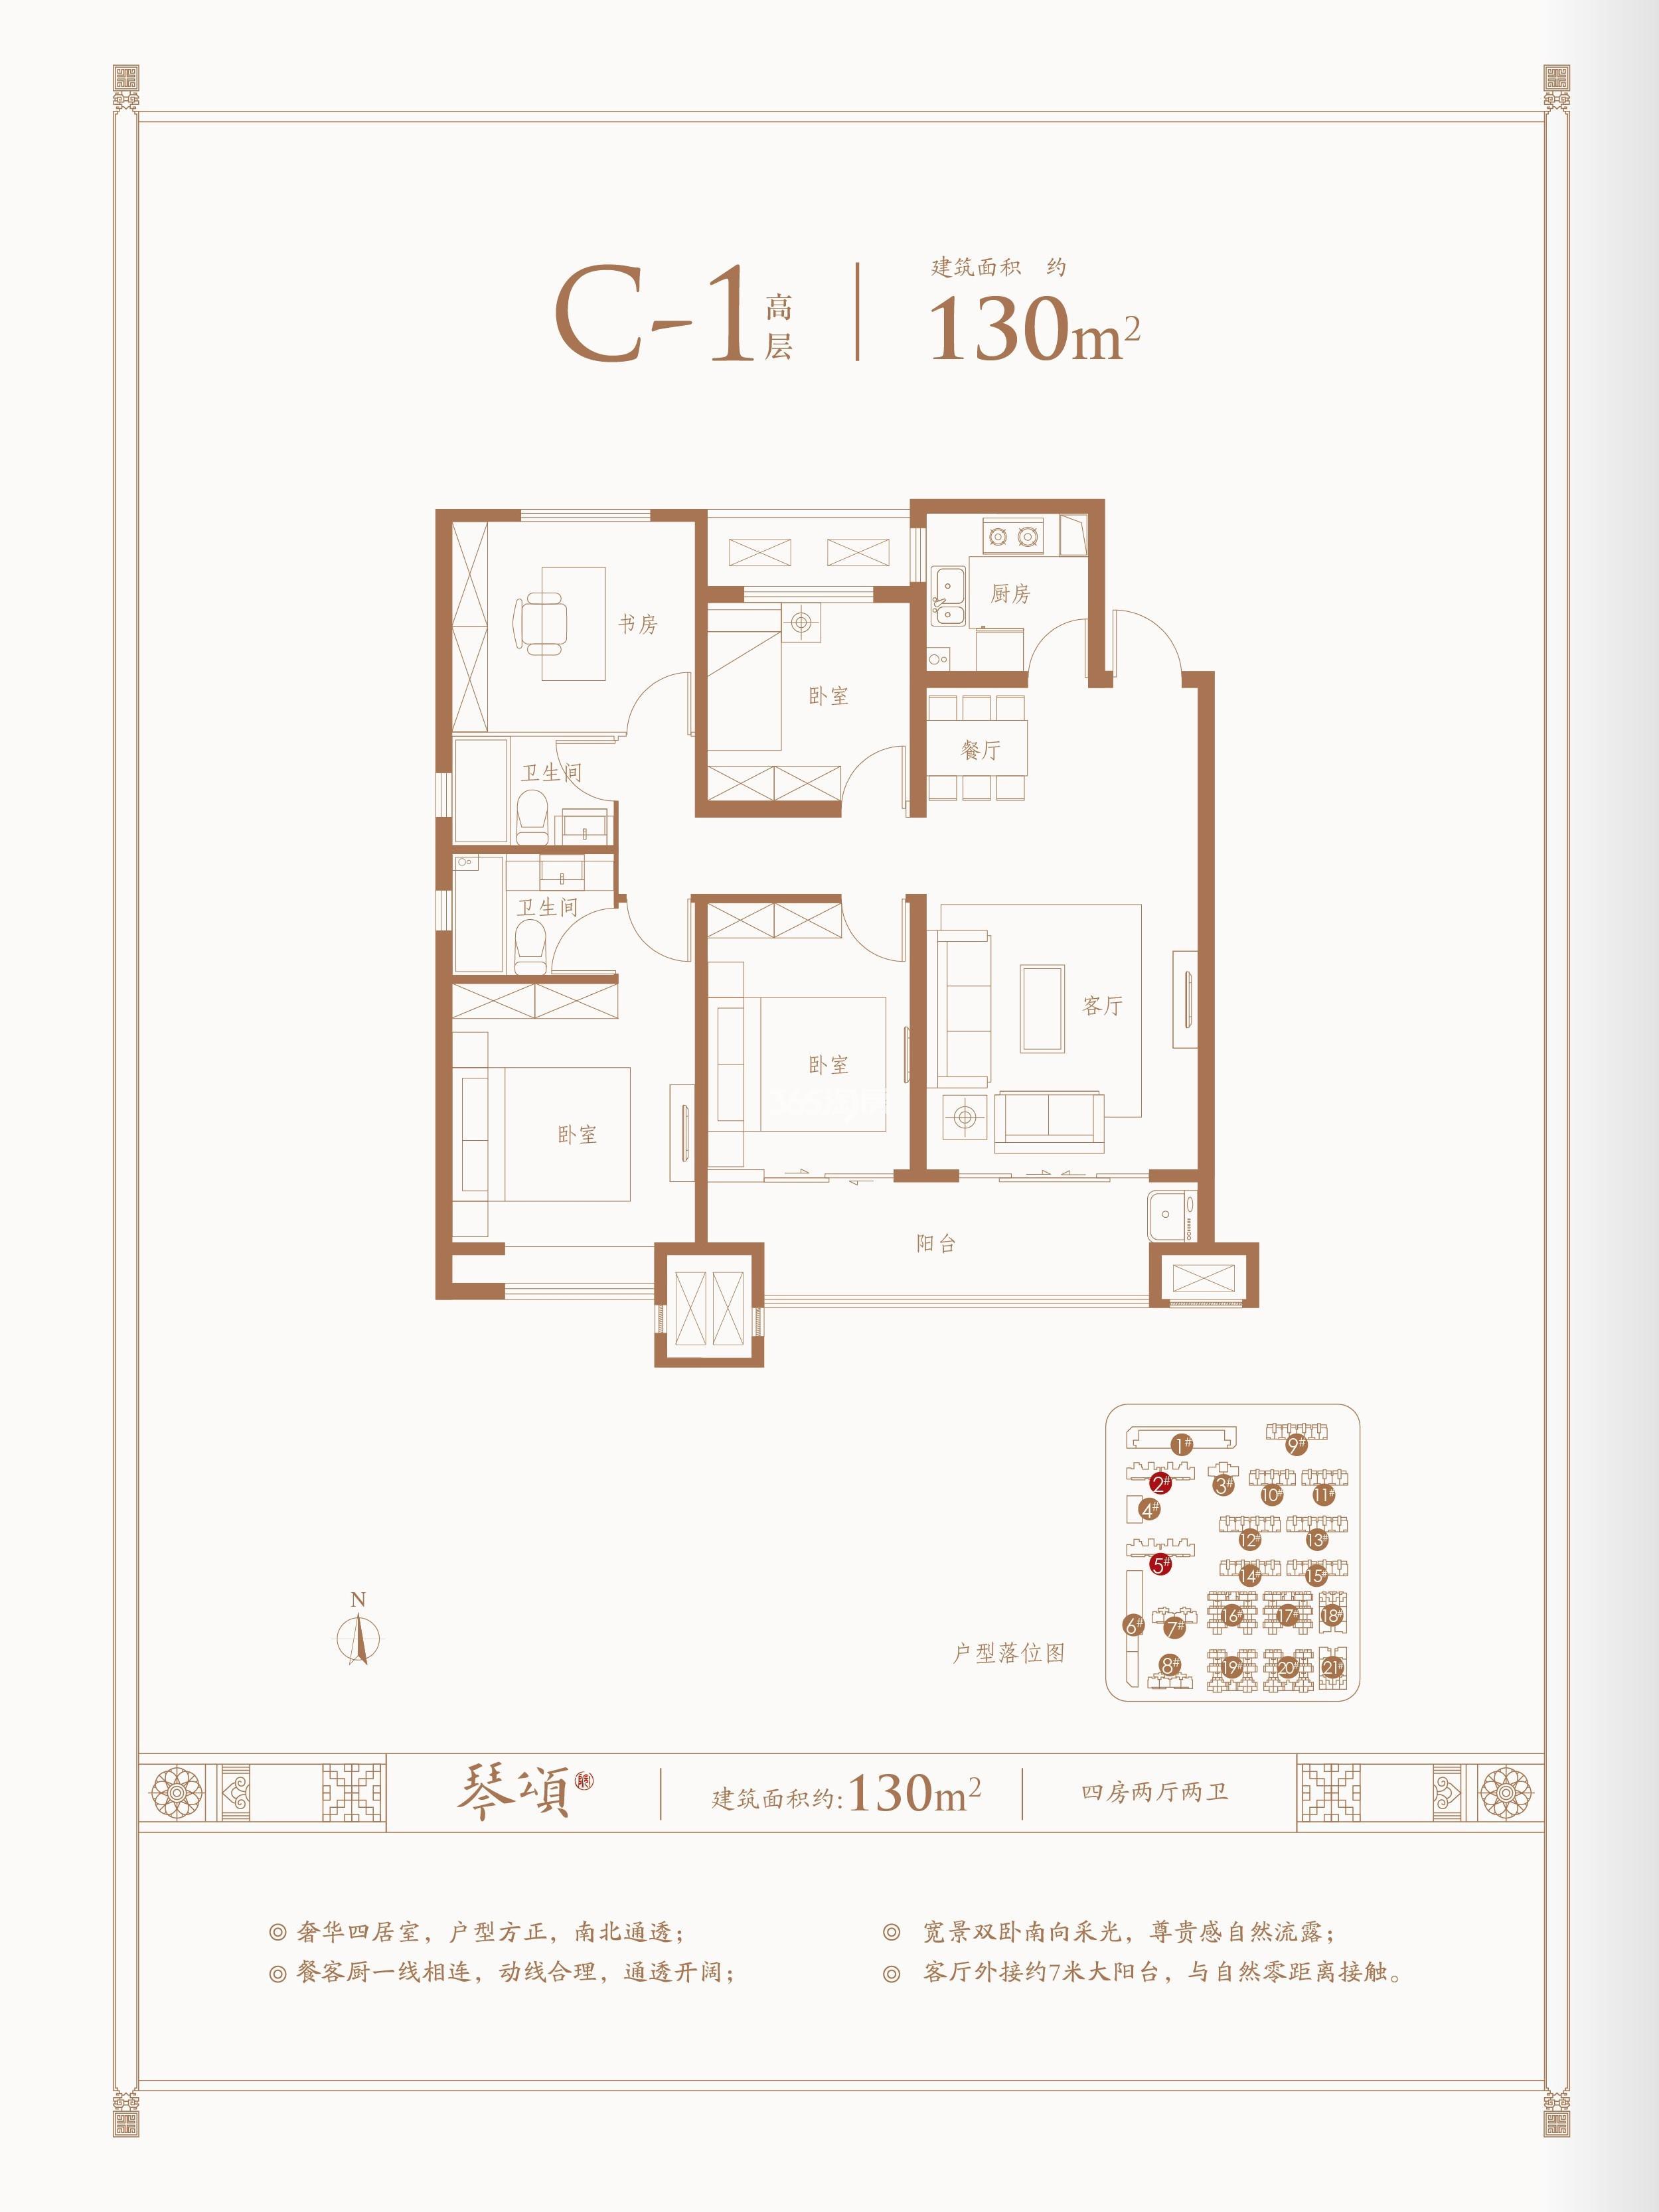 石榴中都院子四室两厅130㎡户型图